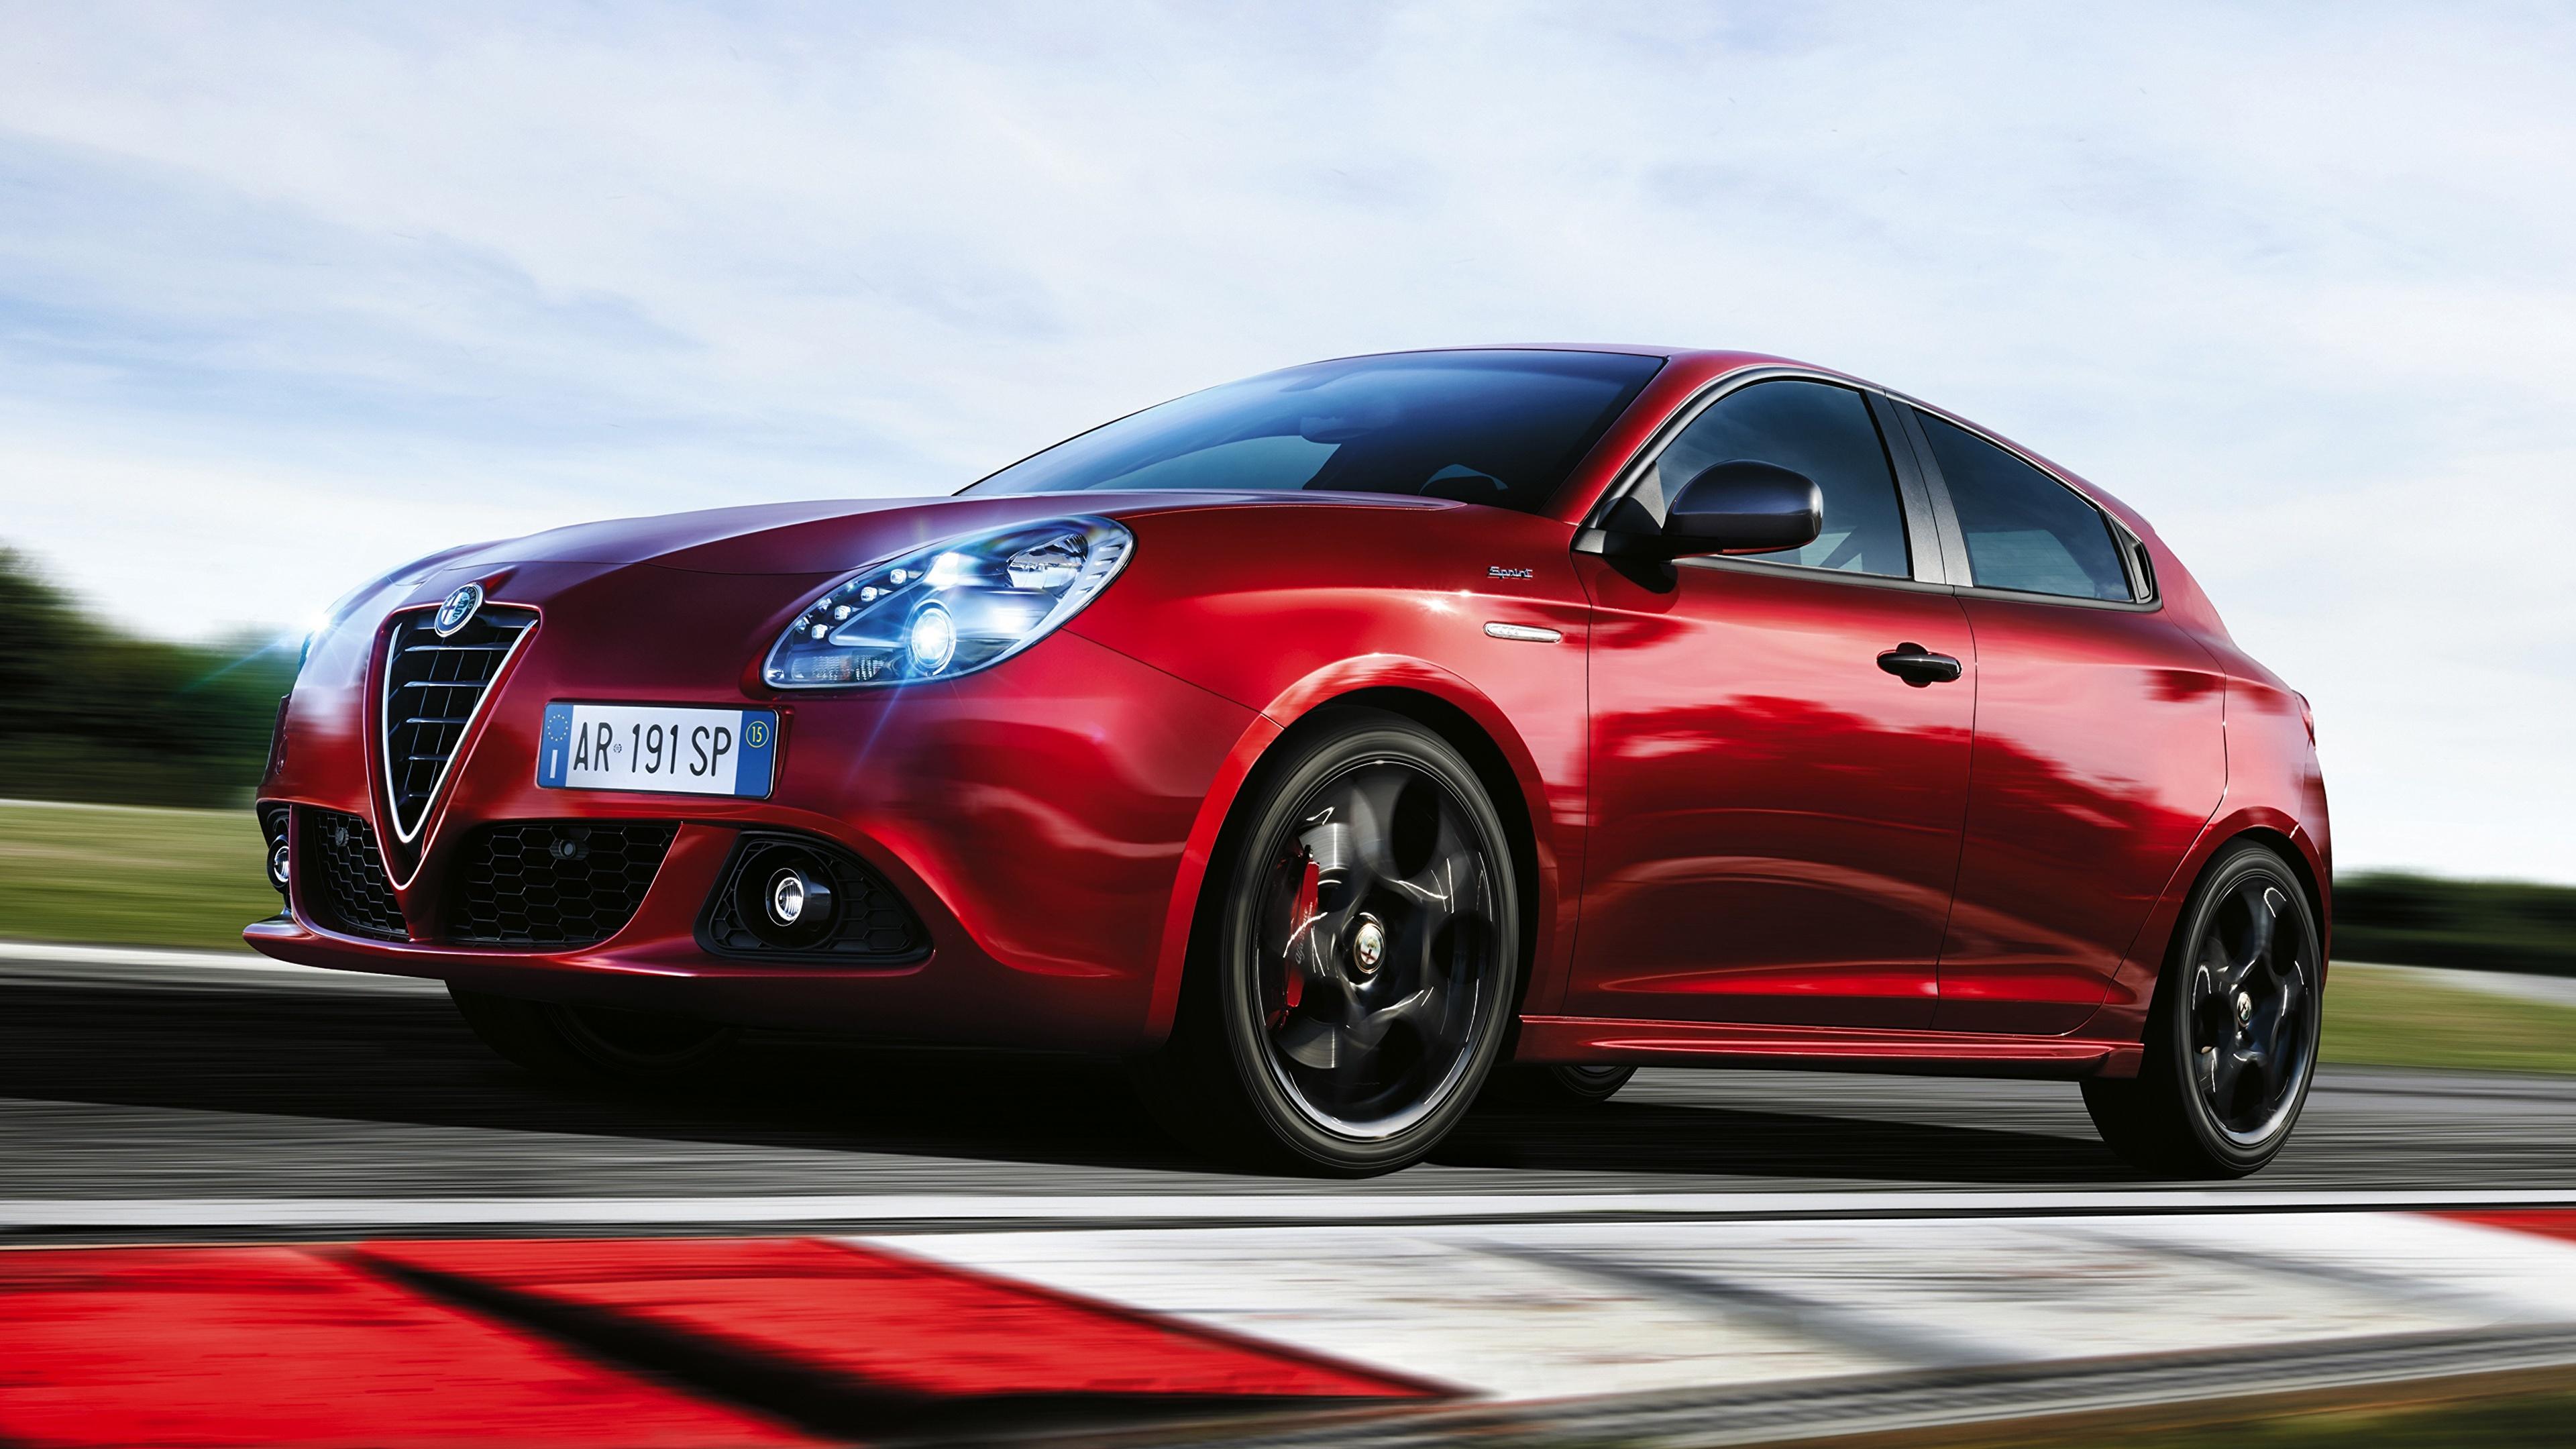 Фотография Alfa Romeo Размытый фон красных скорость авто 3840x2160 Альфа ромео боке красная красные Красный едет едущий едущая Движение машина машины Автомобили автомобиль